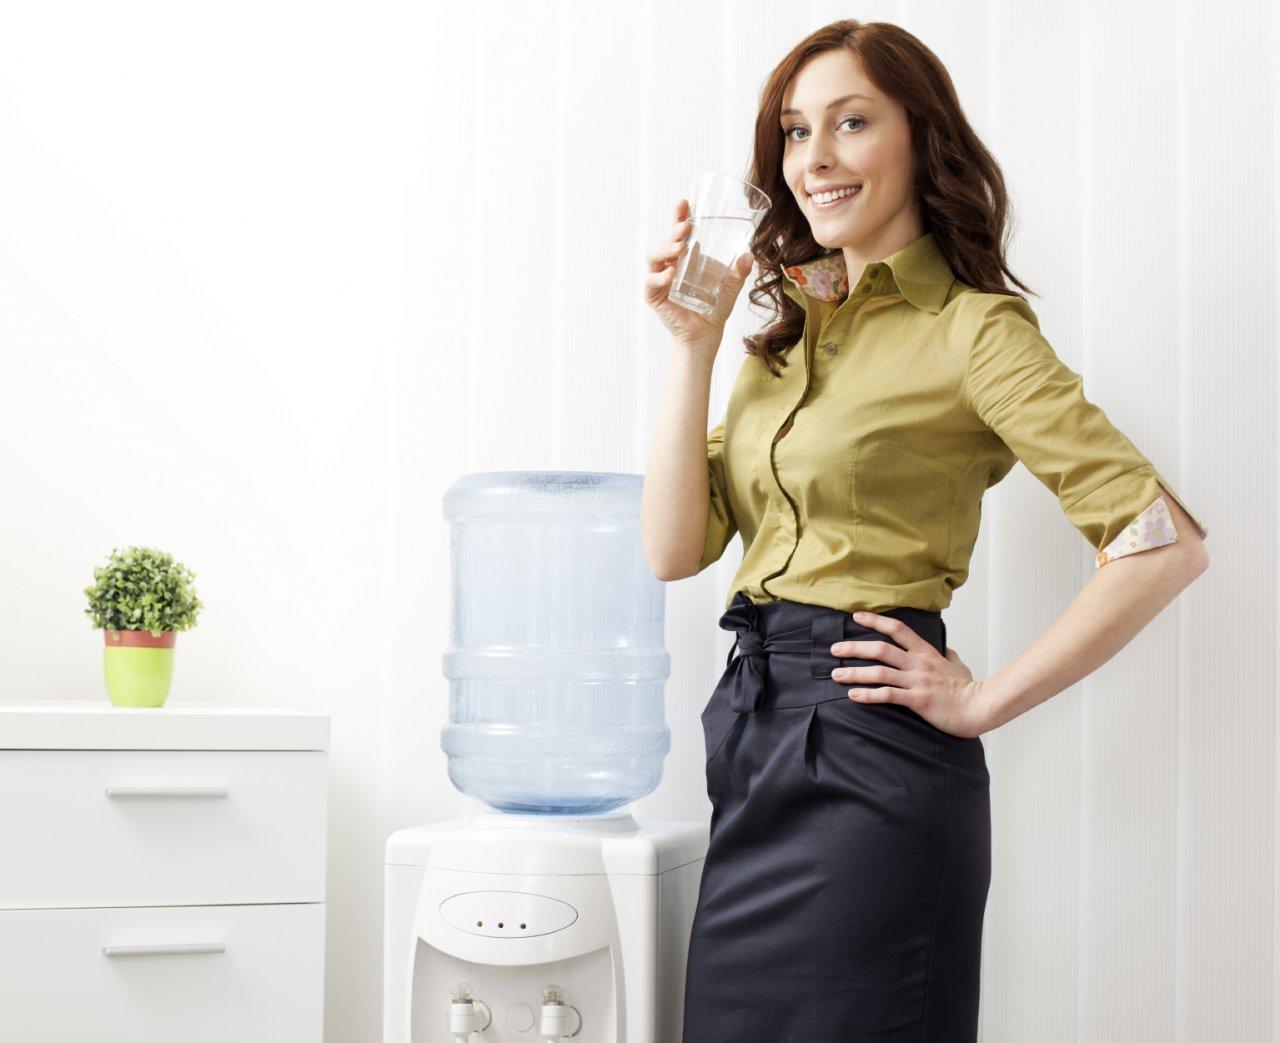 fot. Stowarzyszenie Woda w Domu i w Biurze